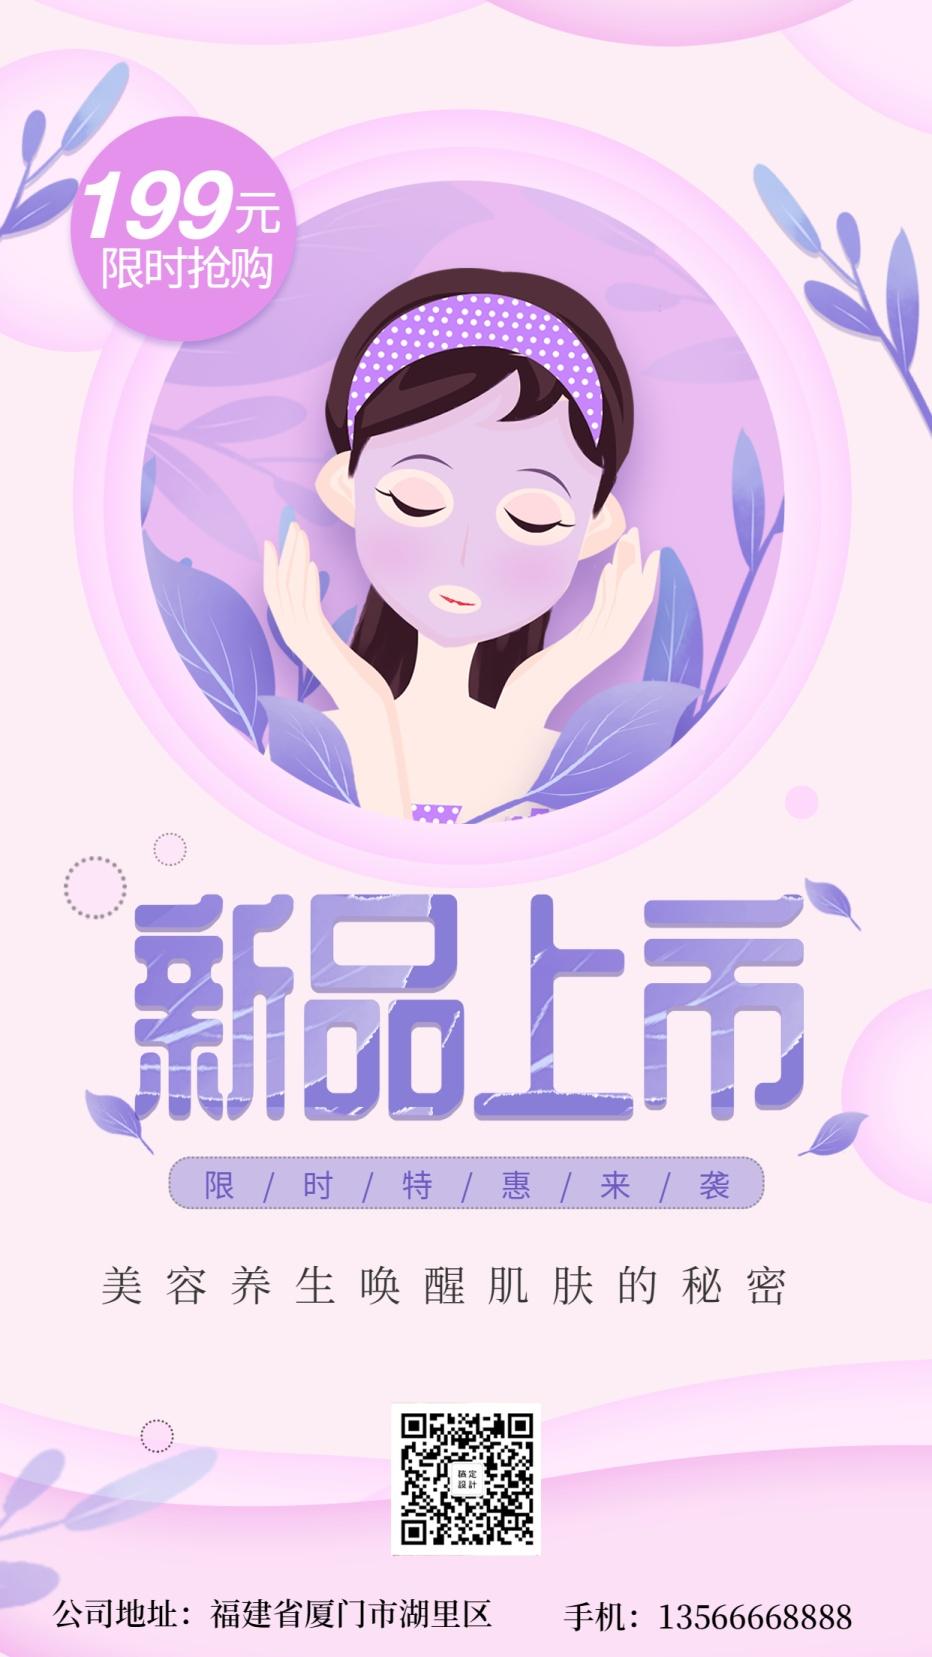 美妆个护/上新/手机海报